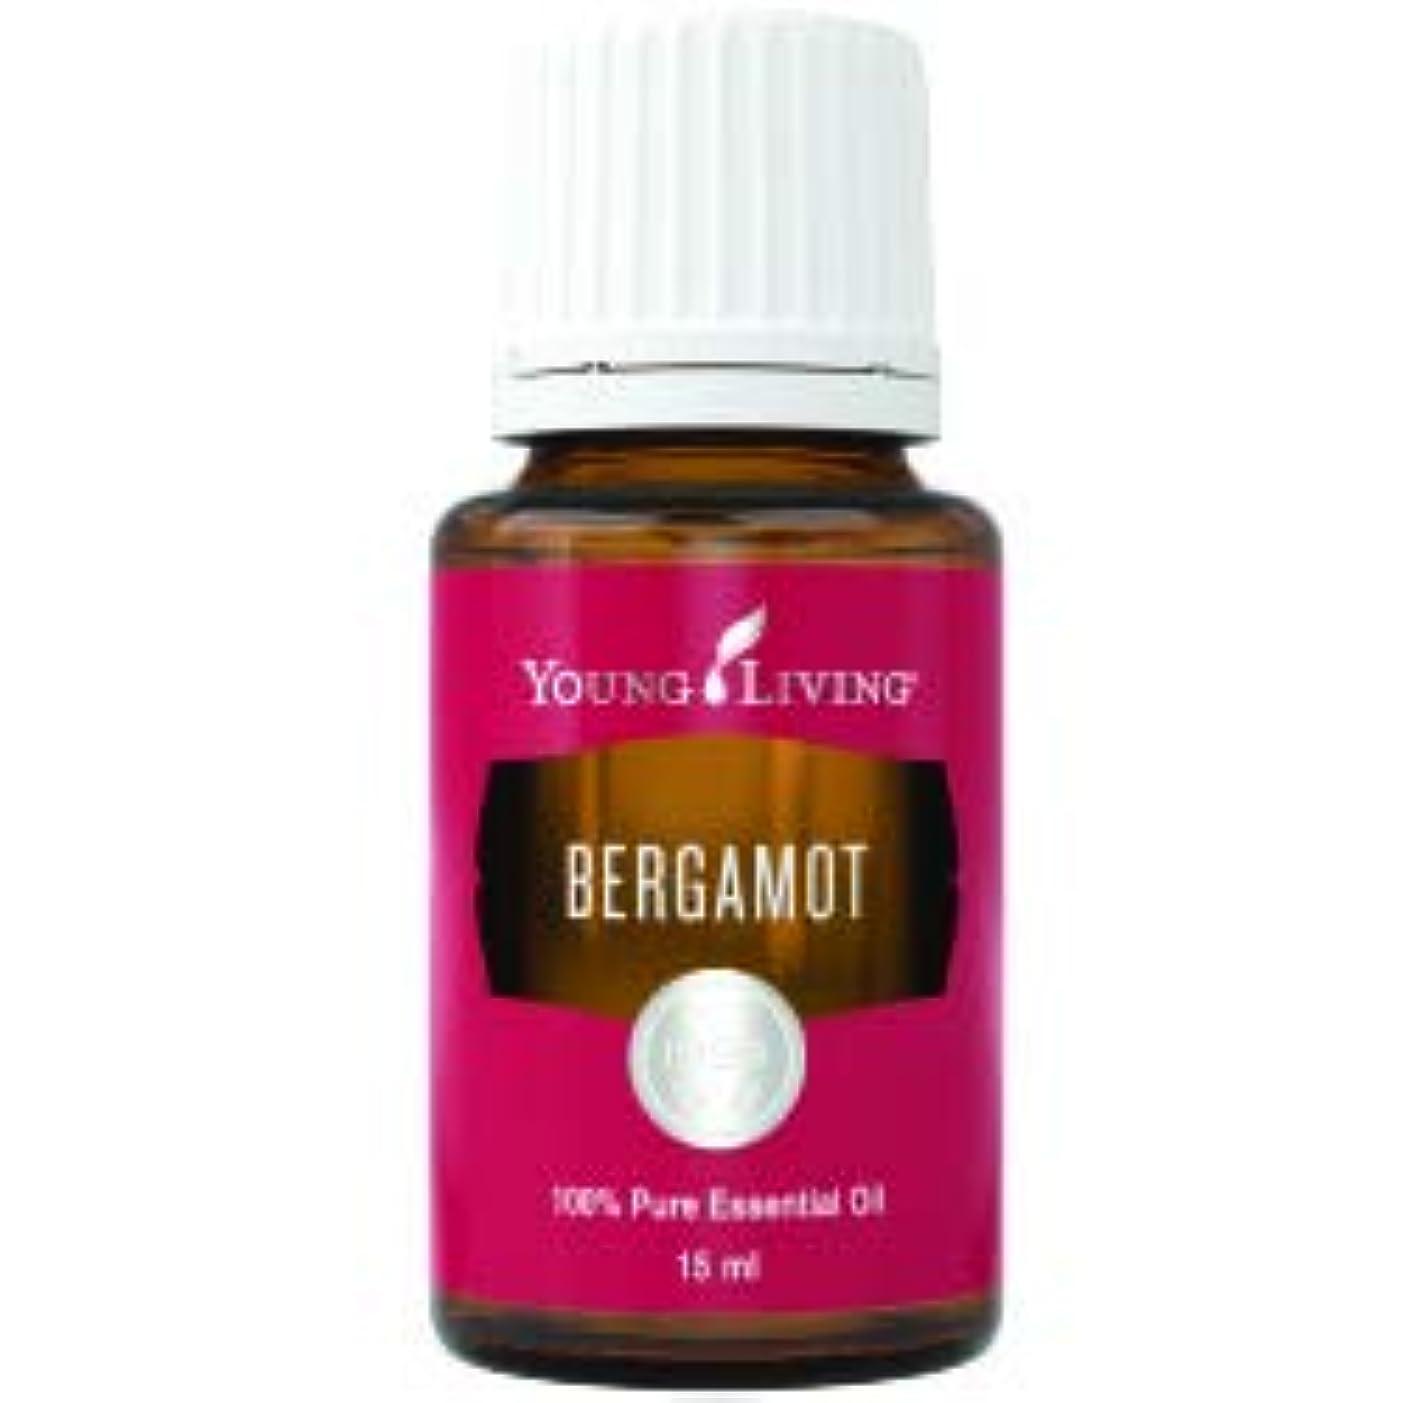 ペンフレンドナース順番ヤングリビングマレーシアのベルガモットエッセンシャルオイル15 ml Bergamot Essential Oil 15 ml by Young Living Malaysia